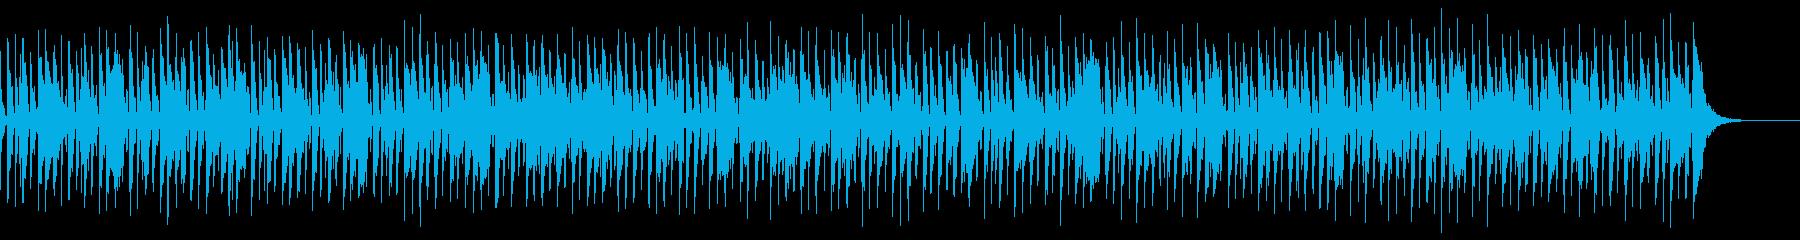 アコースティックレゲエ風BGMの再生済みの波形